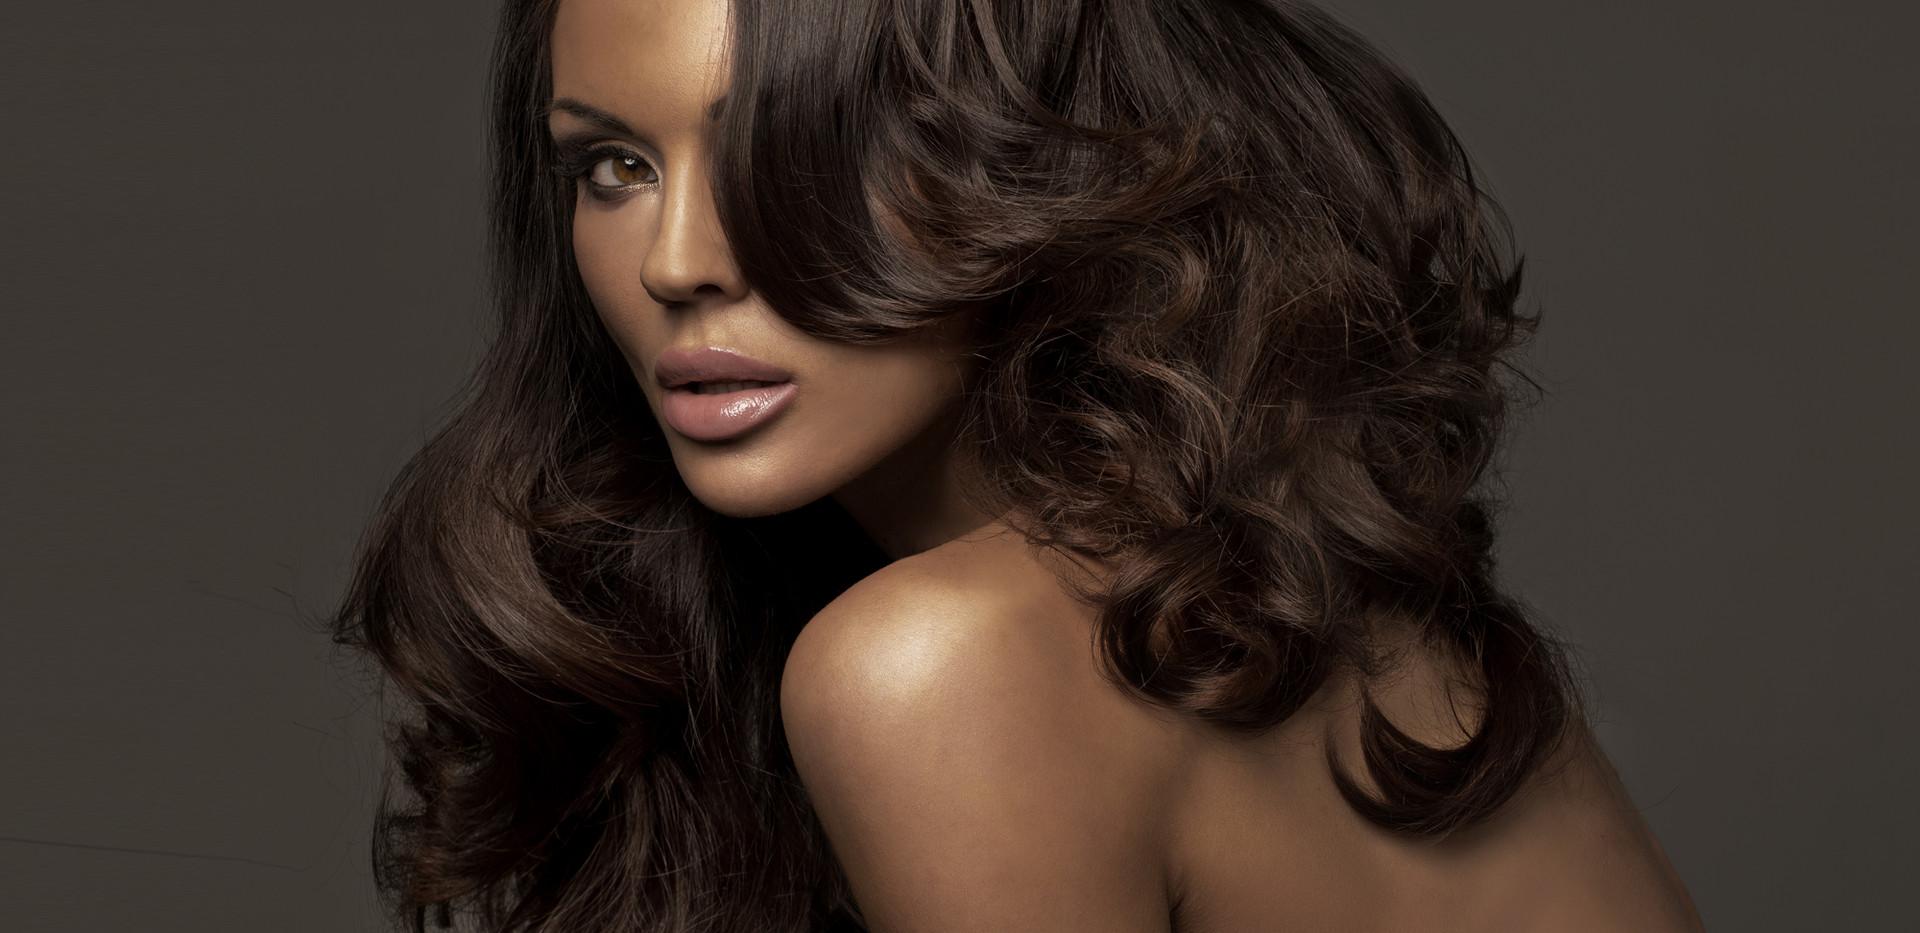 Curls luscious